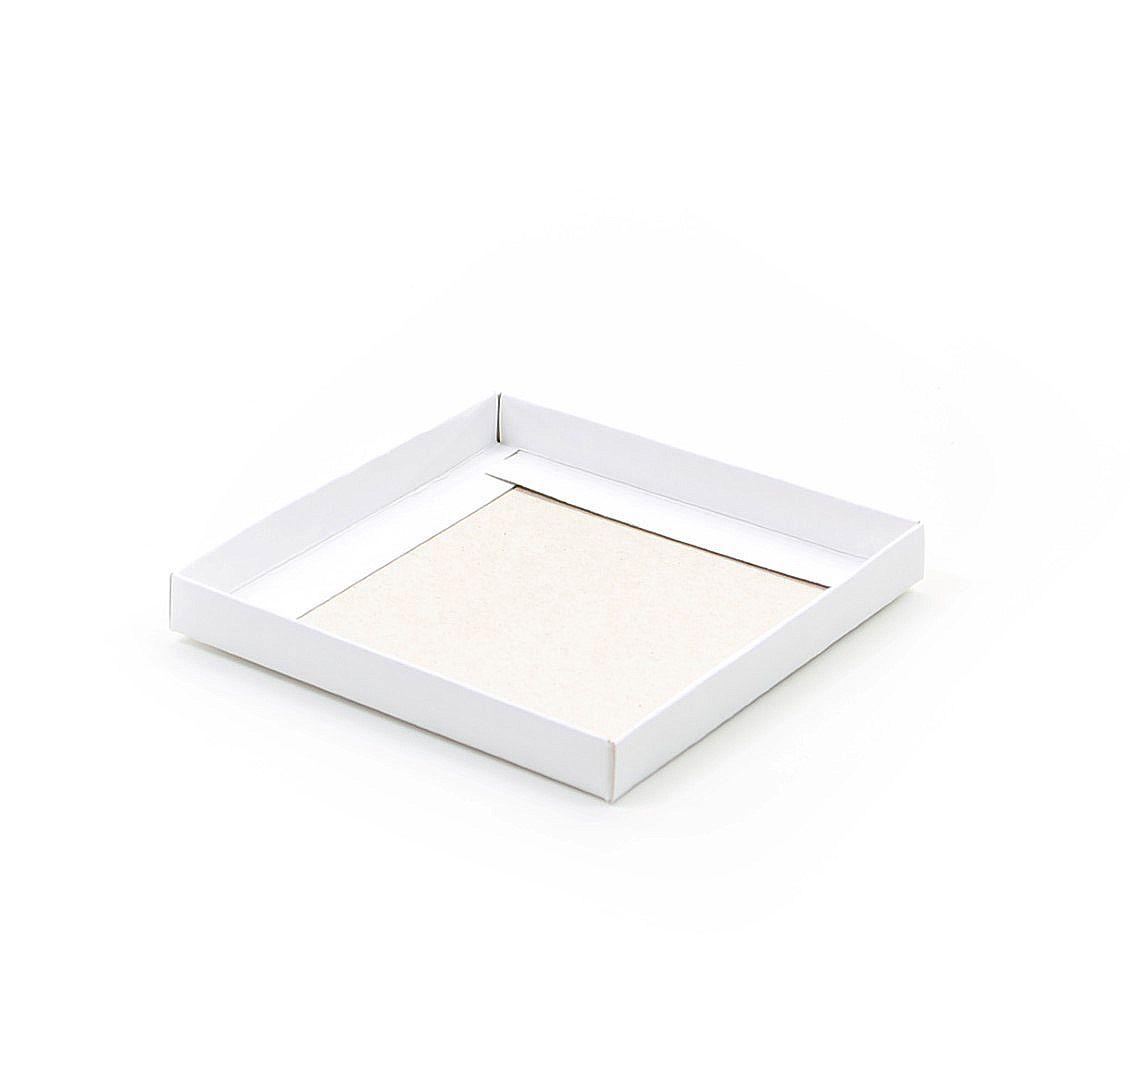 F068 - Fundo - 10,8x10,8x1,3 cm -  Branca